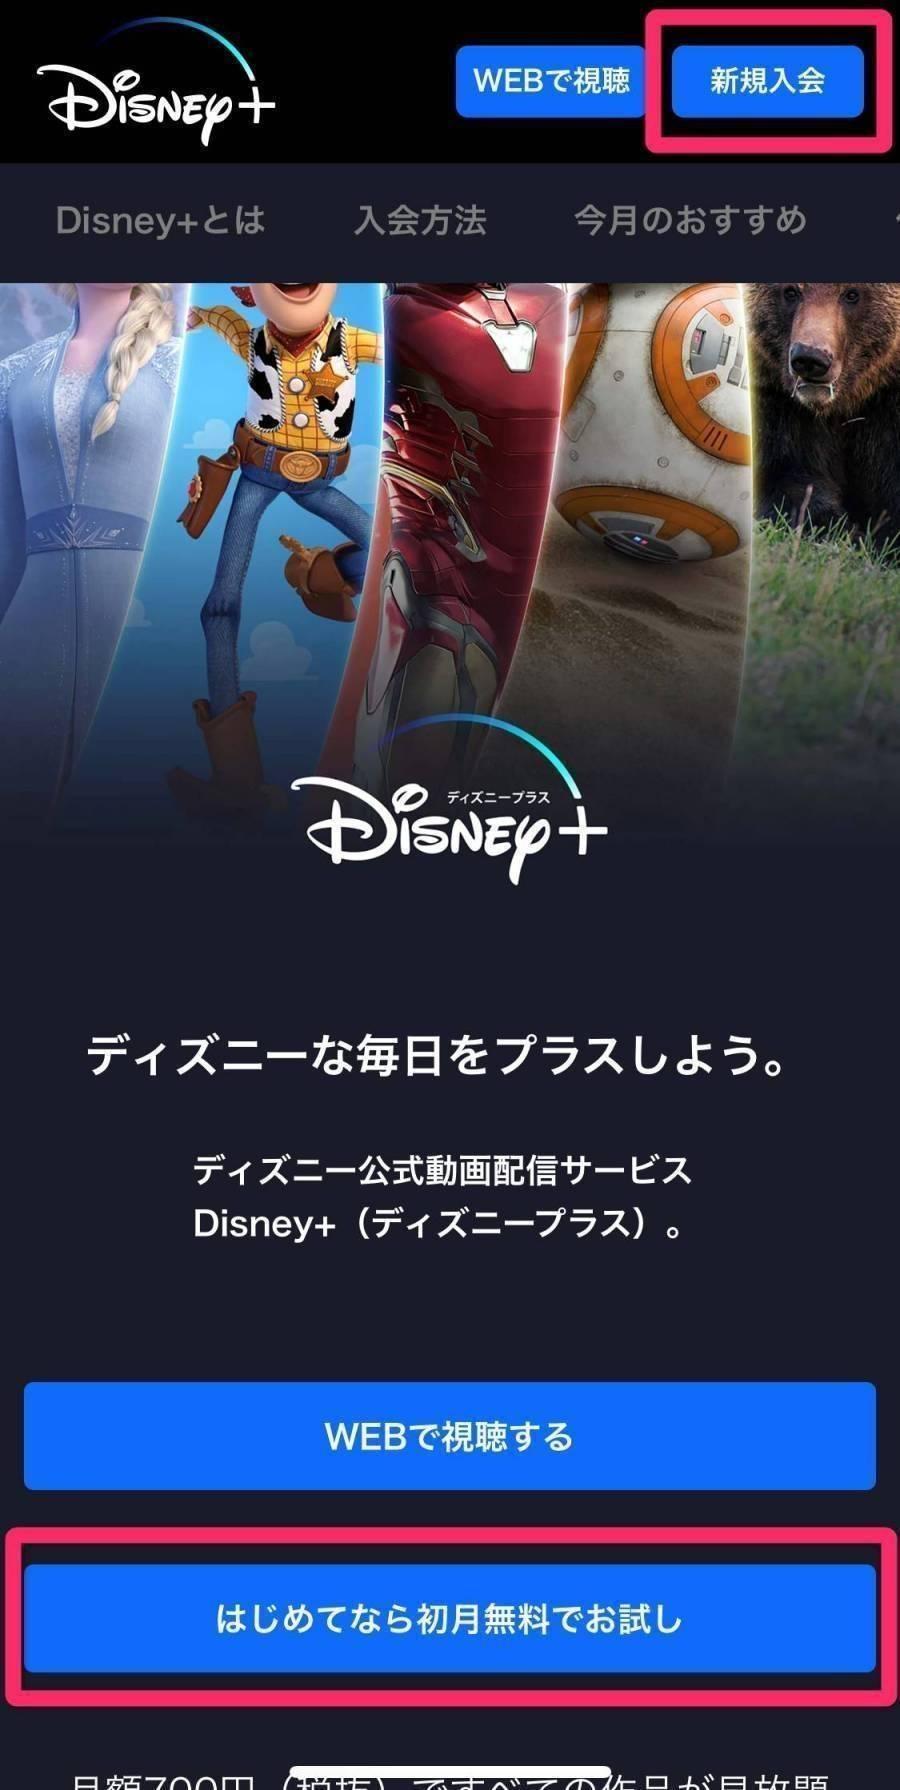 ディズニープラスのトップ画面